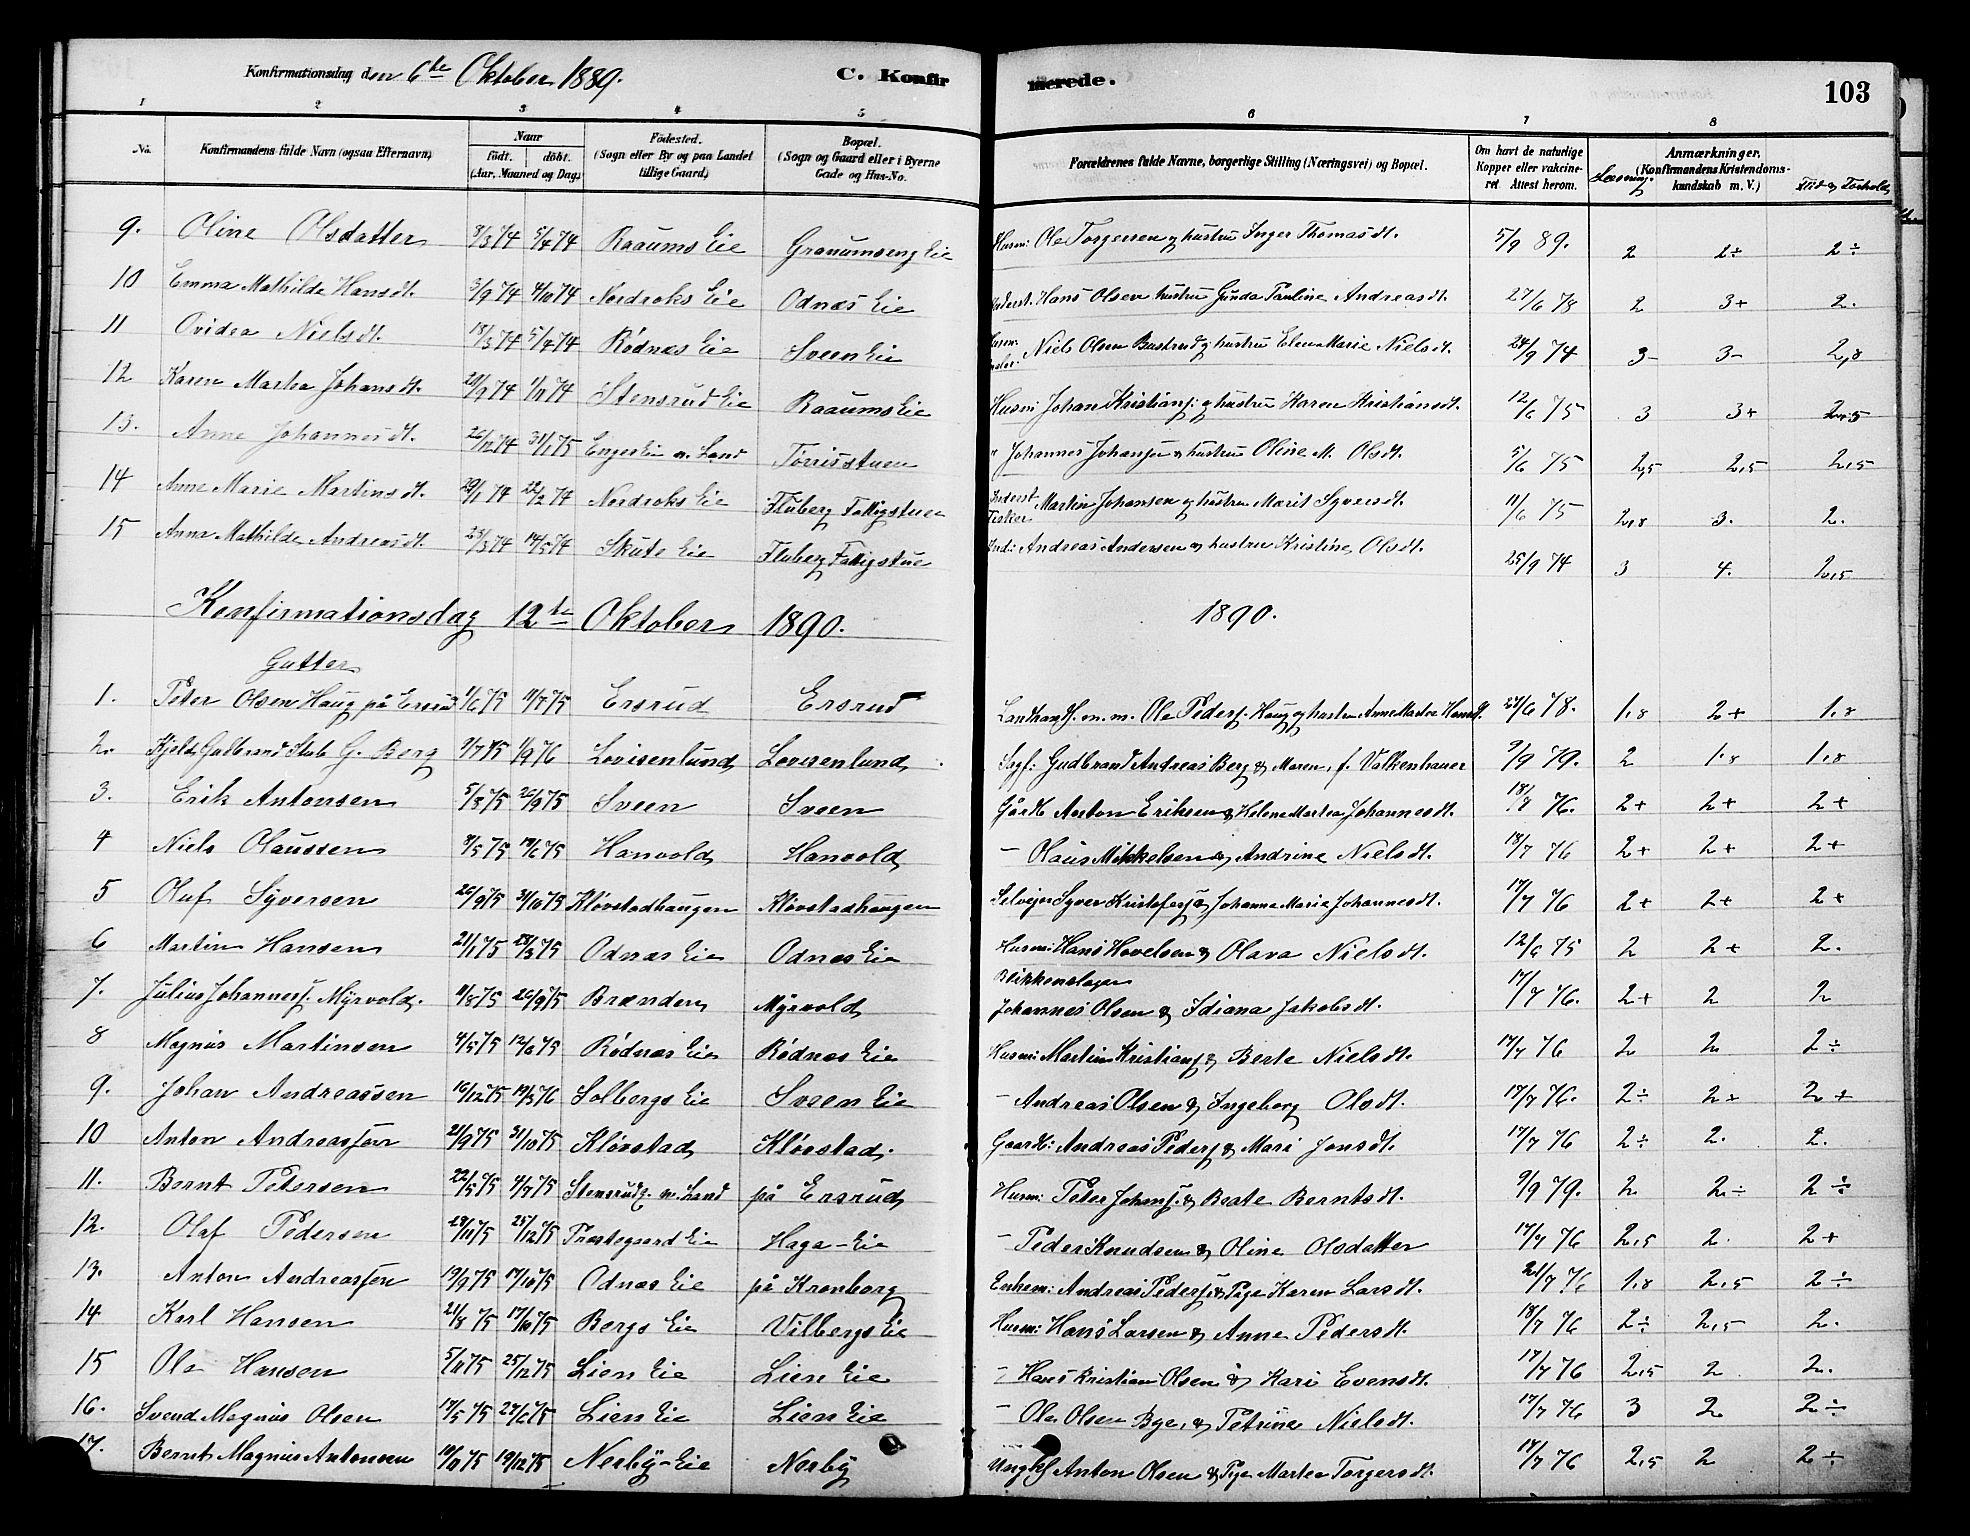 SAH, Søndre Land prestekontor, K/L0002: Ministerialbok nr. 2, 1878-1894, s. 103